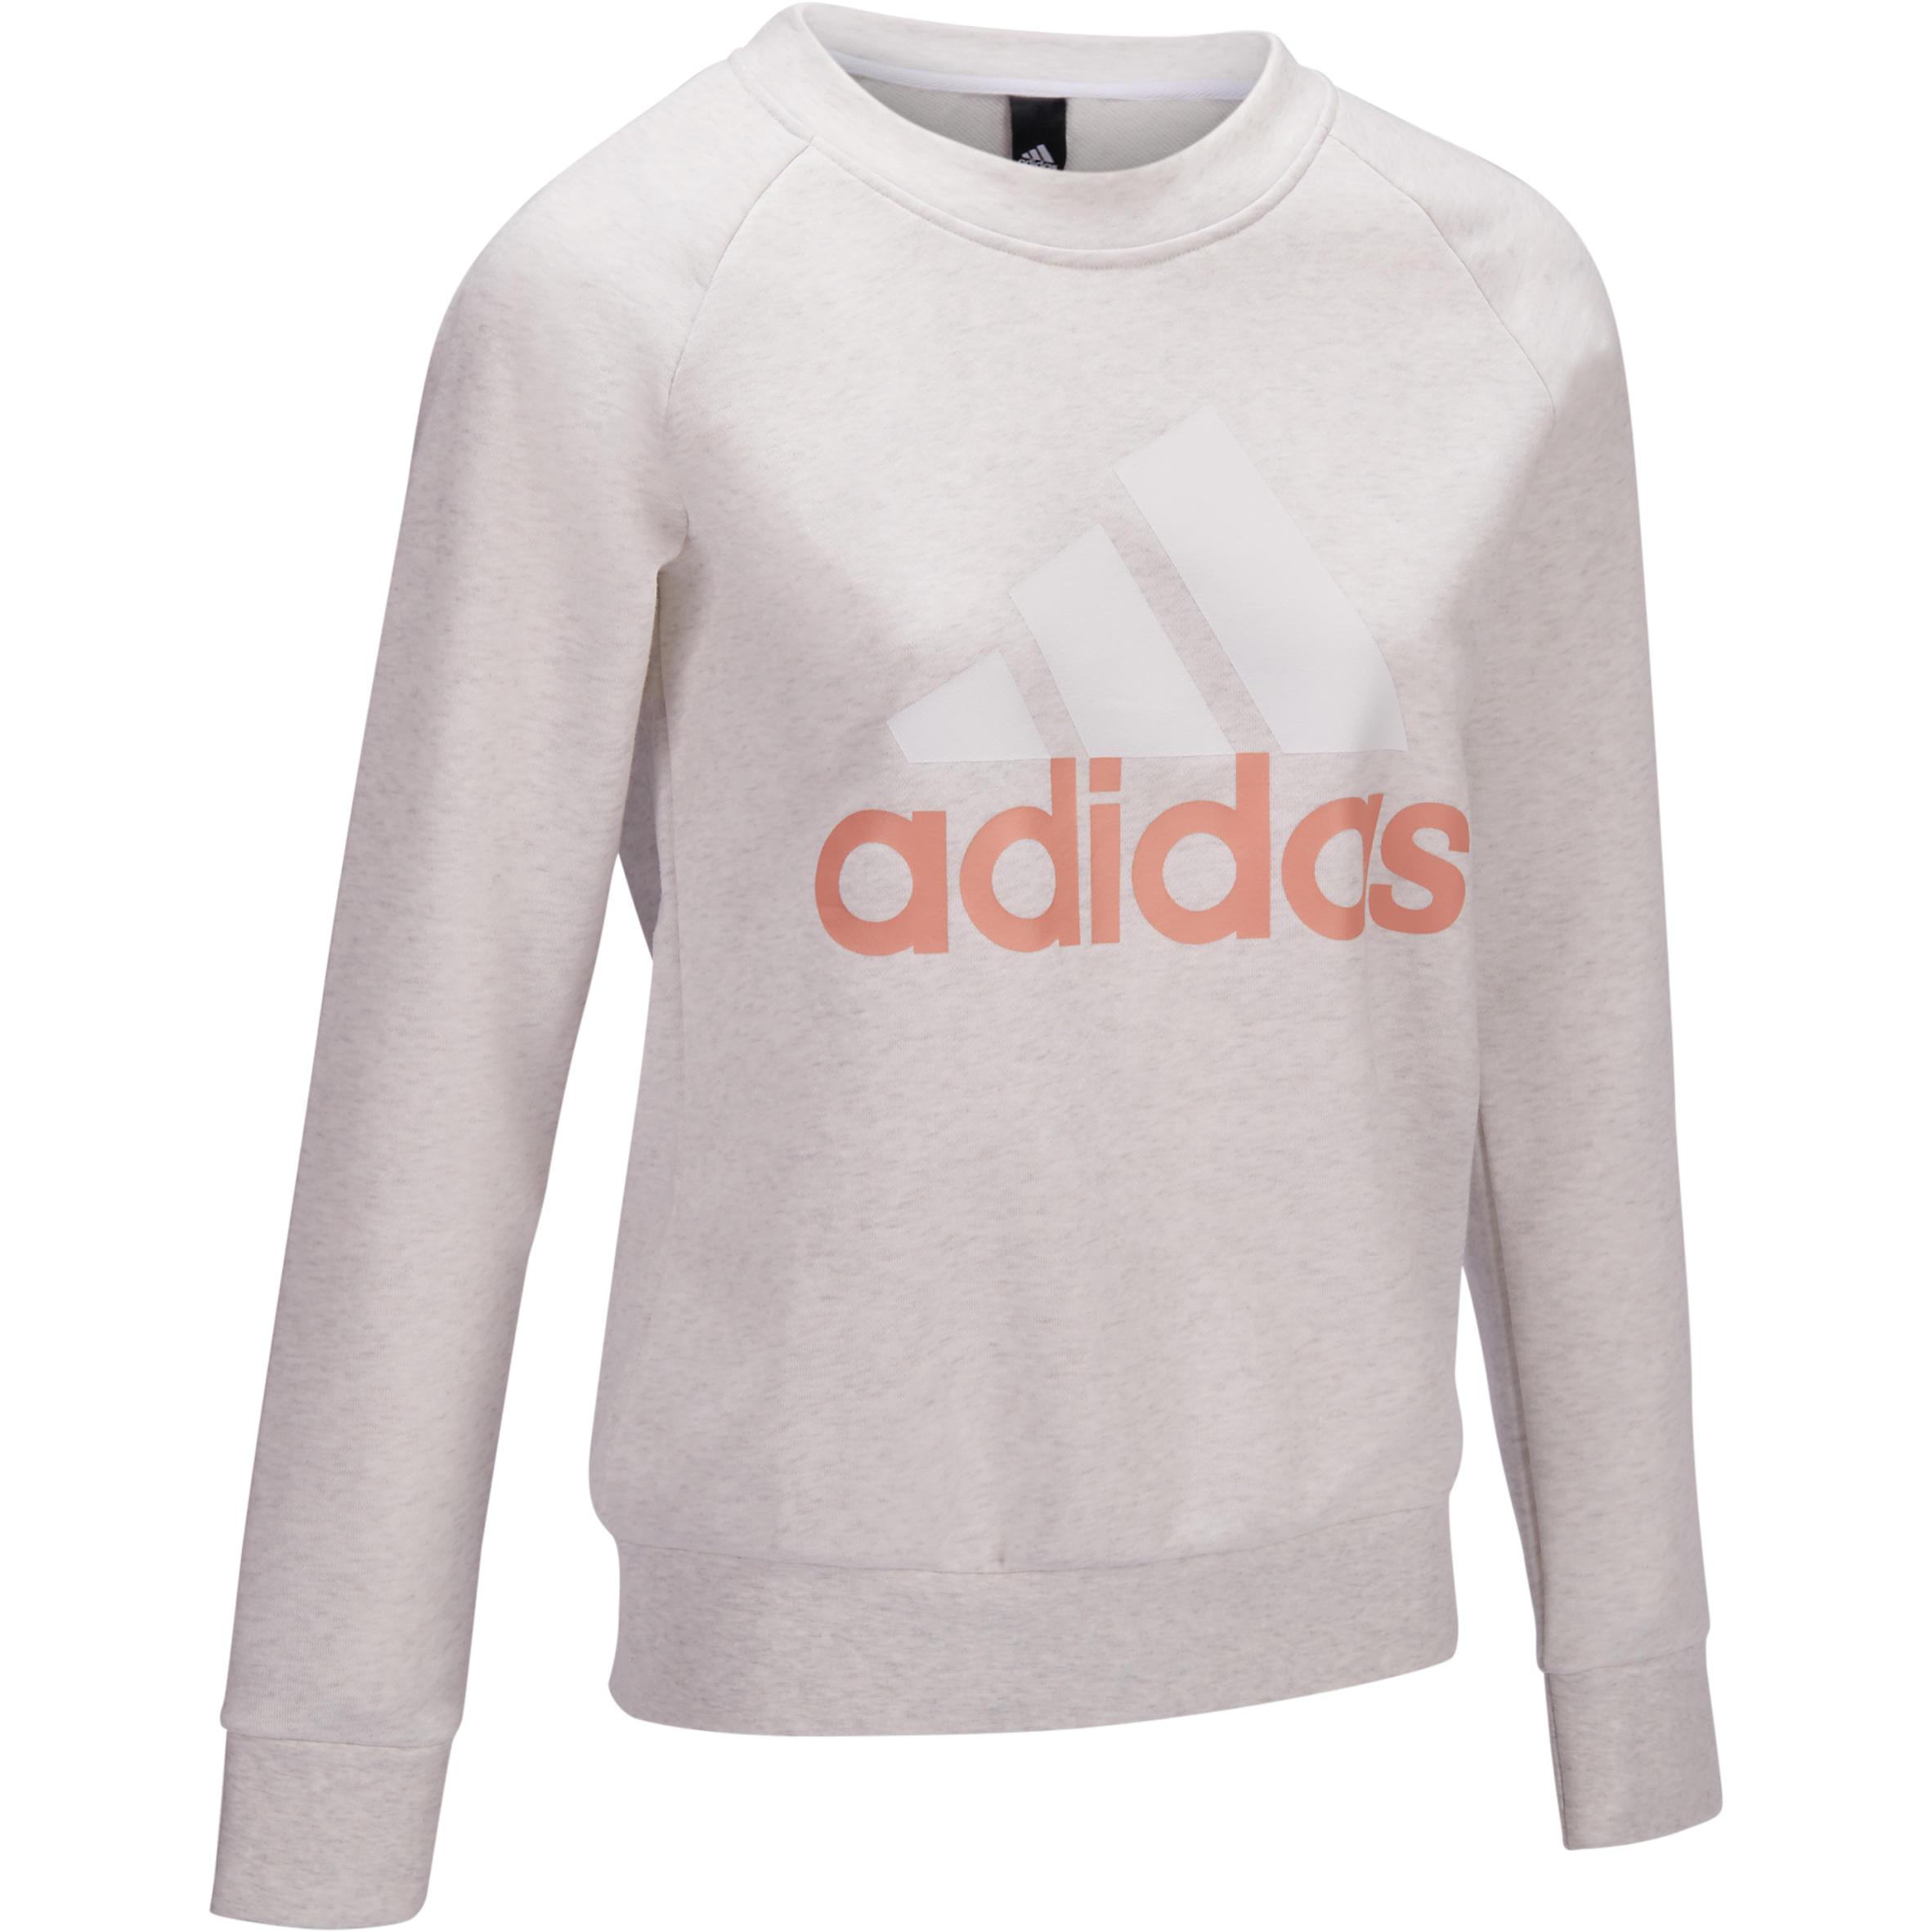 Adidas Damessweater voor gym en pilates, met ronde hals, Adidas, met logo